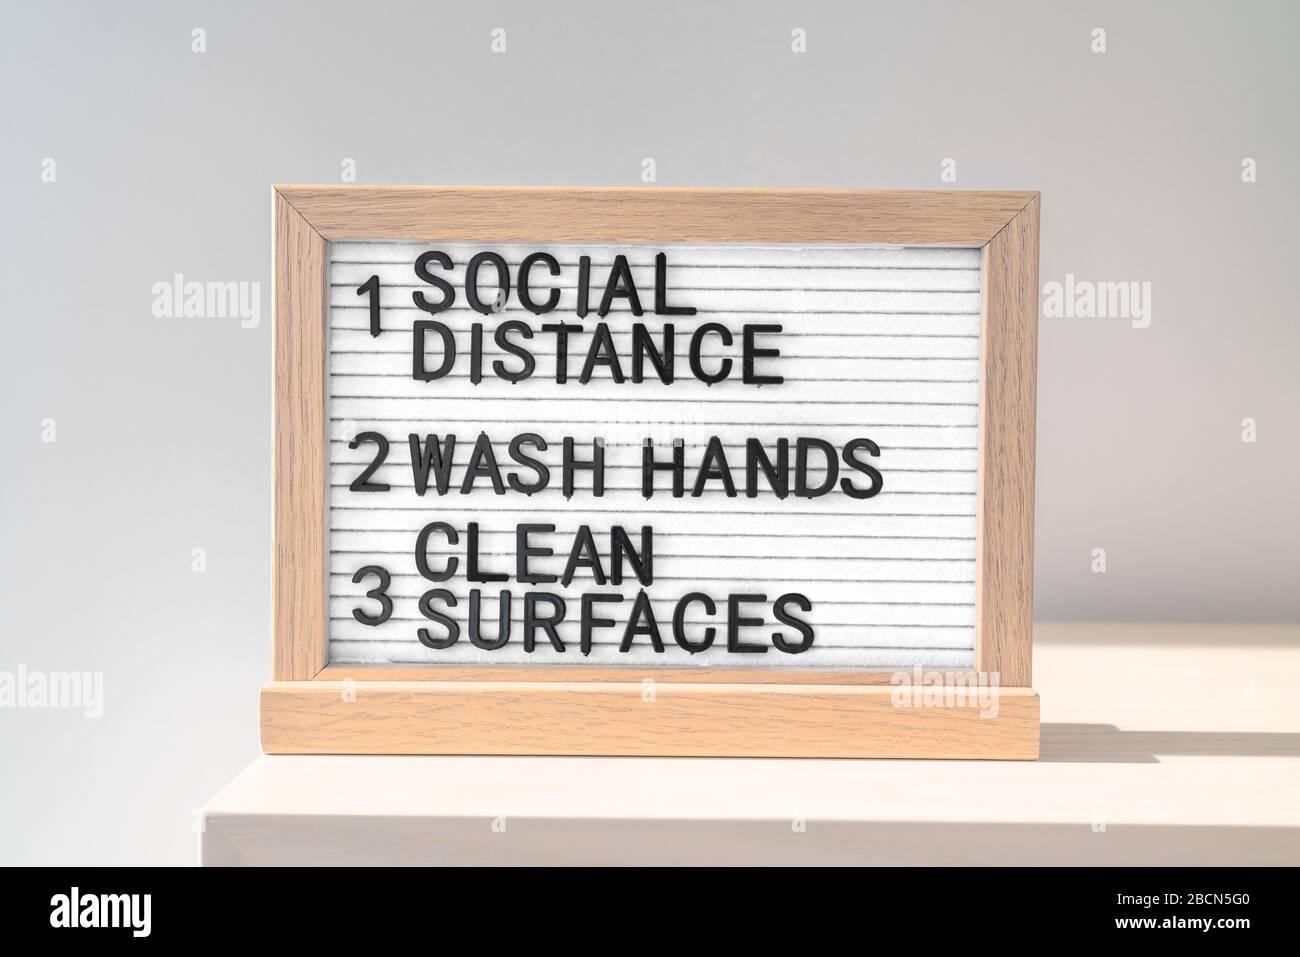 Directrices de higiene de la salud COVID-19. Reglas, distanciamiento social, lavarse las manos a menudo, limpiar las superficies, desinfectar la superficie, lavarse las manos, quedarse en casa. Aislamiento automático de coronavirus para trabajar desde casa. Foto de stock